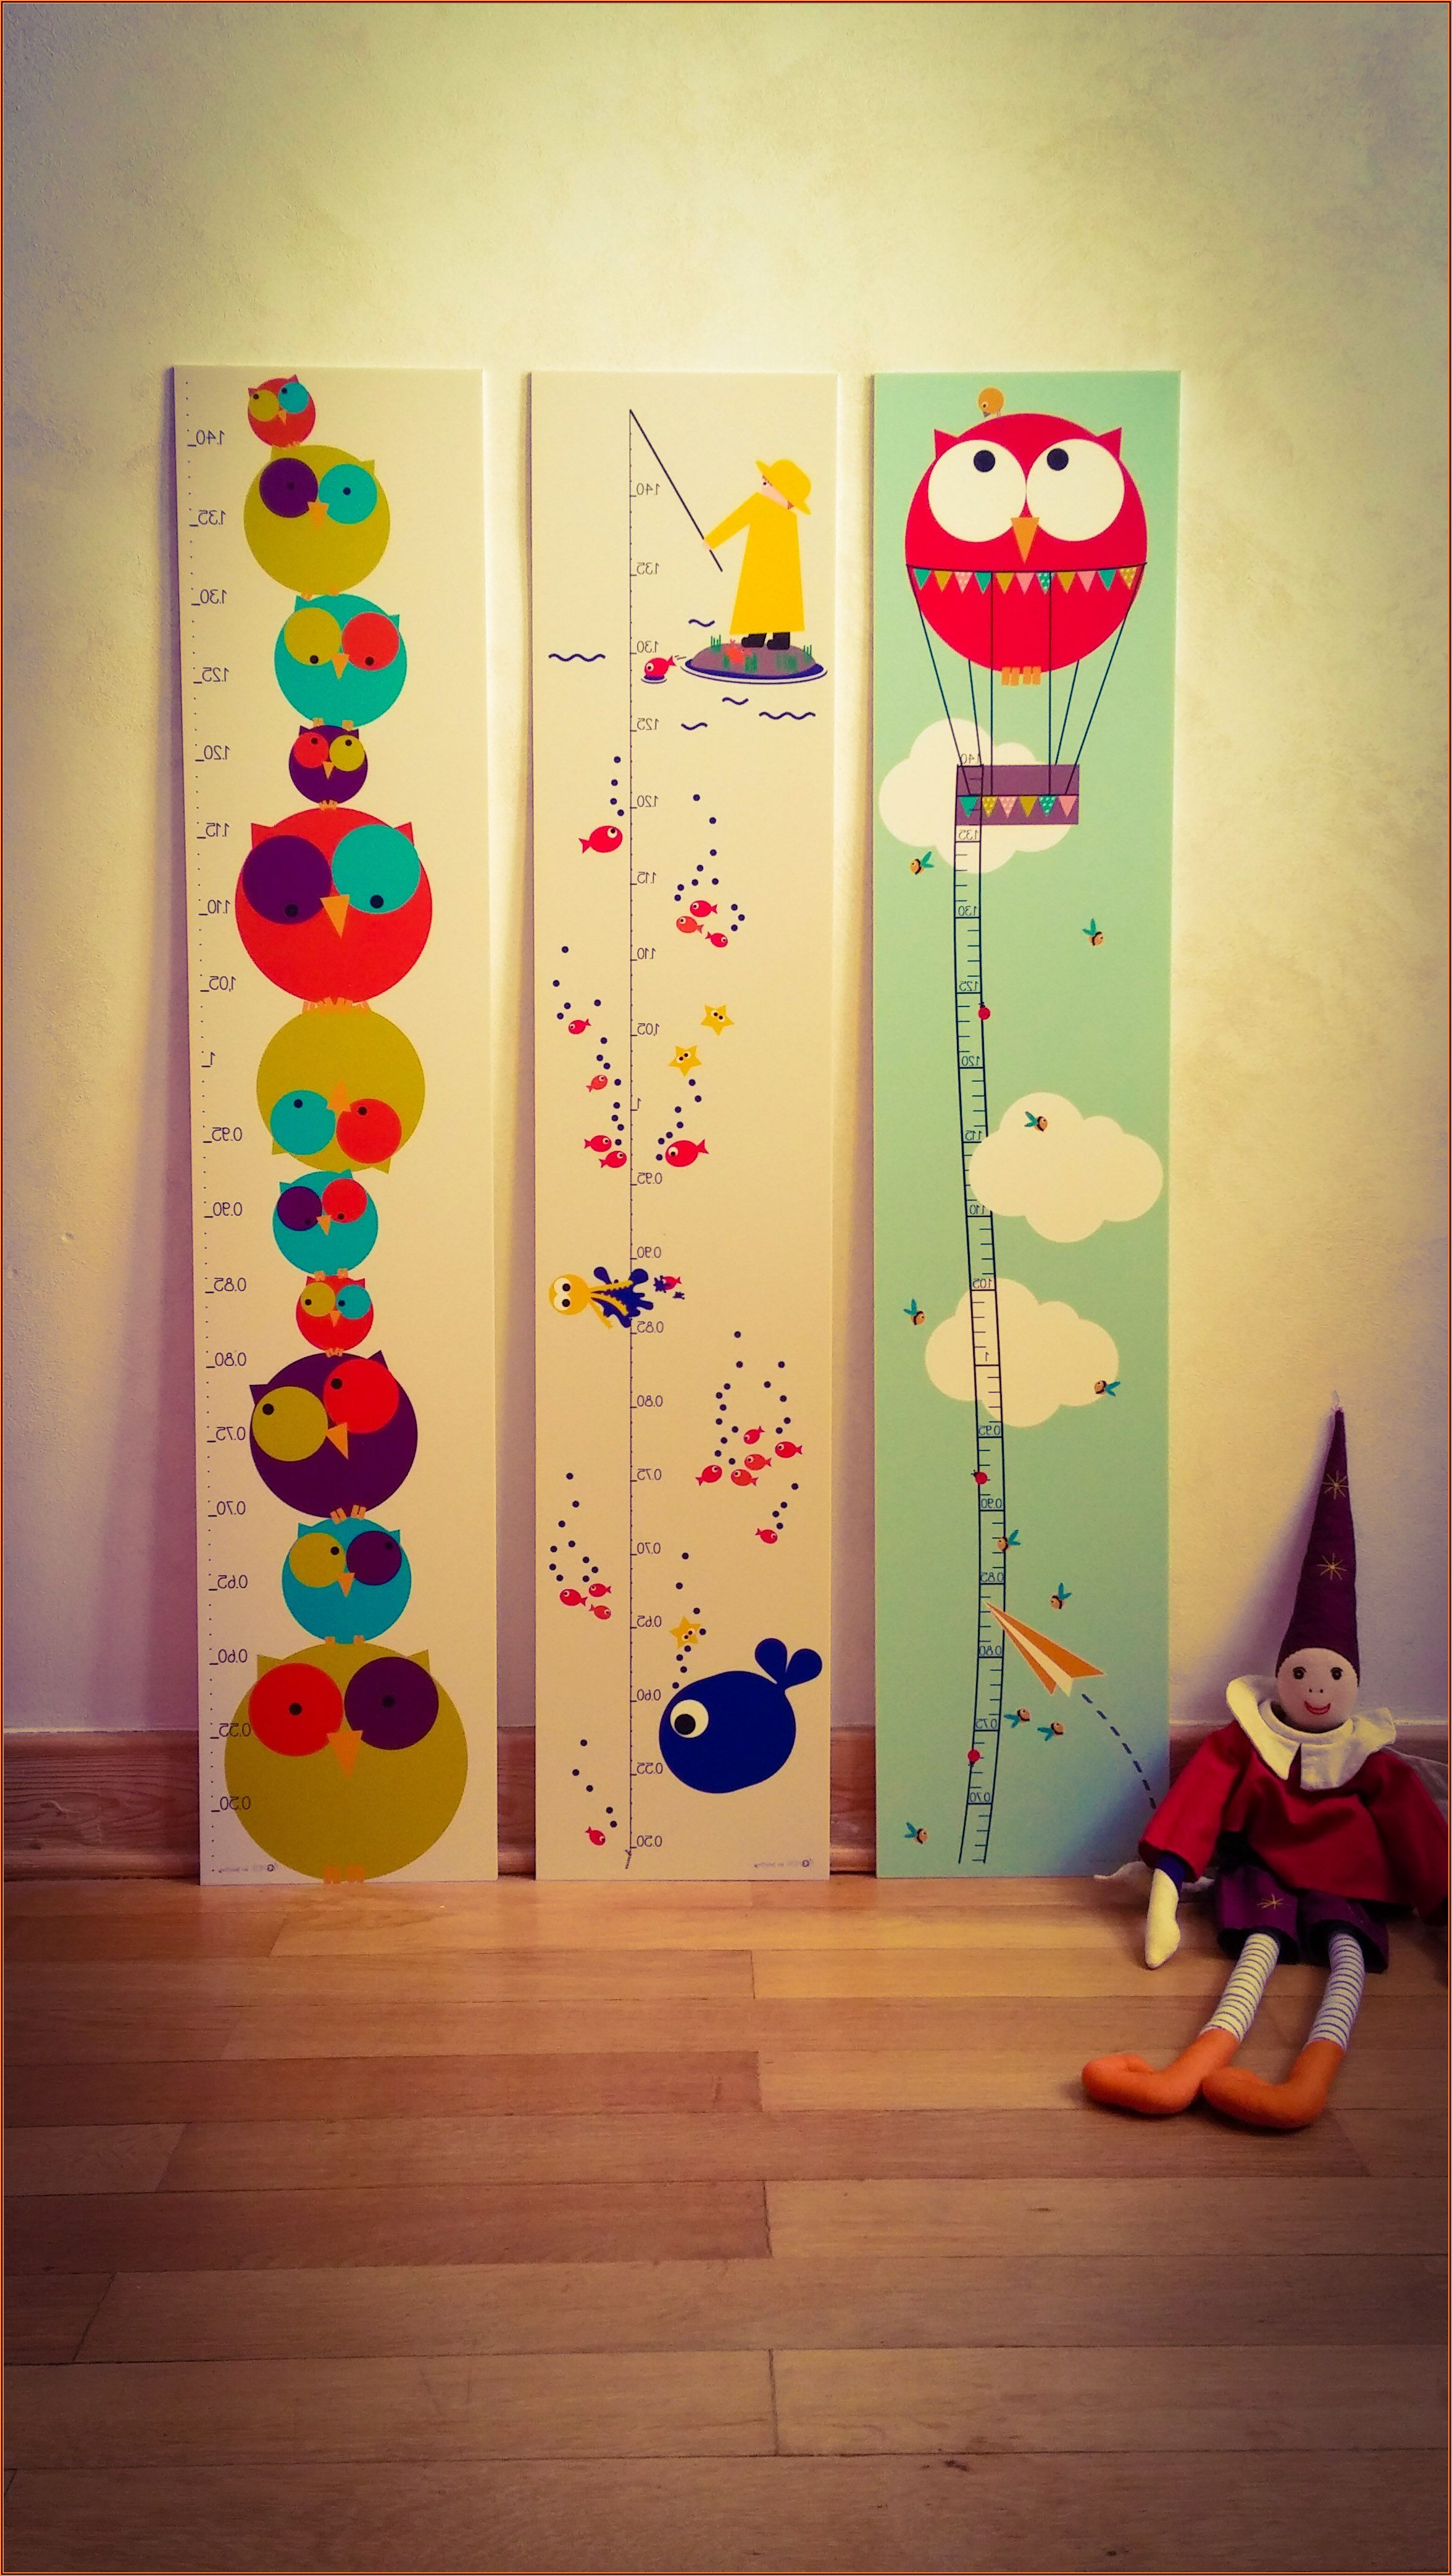 Messlatte Kinder Holz Ikea Kinderzimme House und Dekor